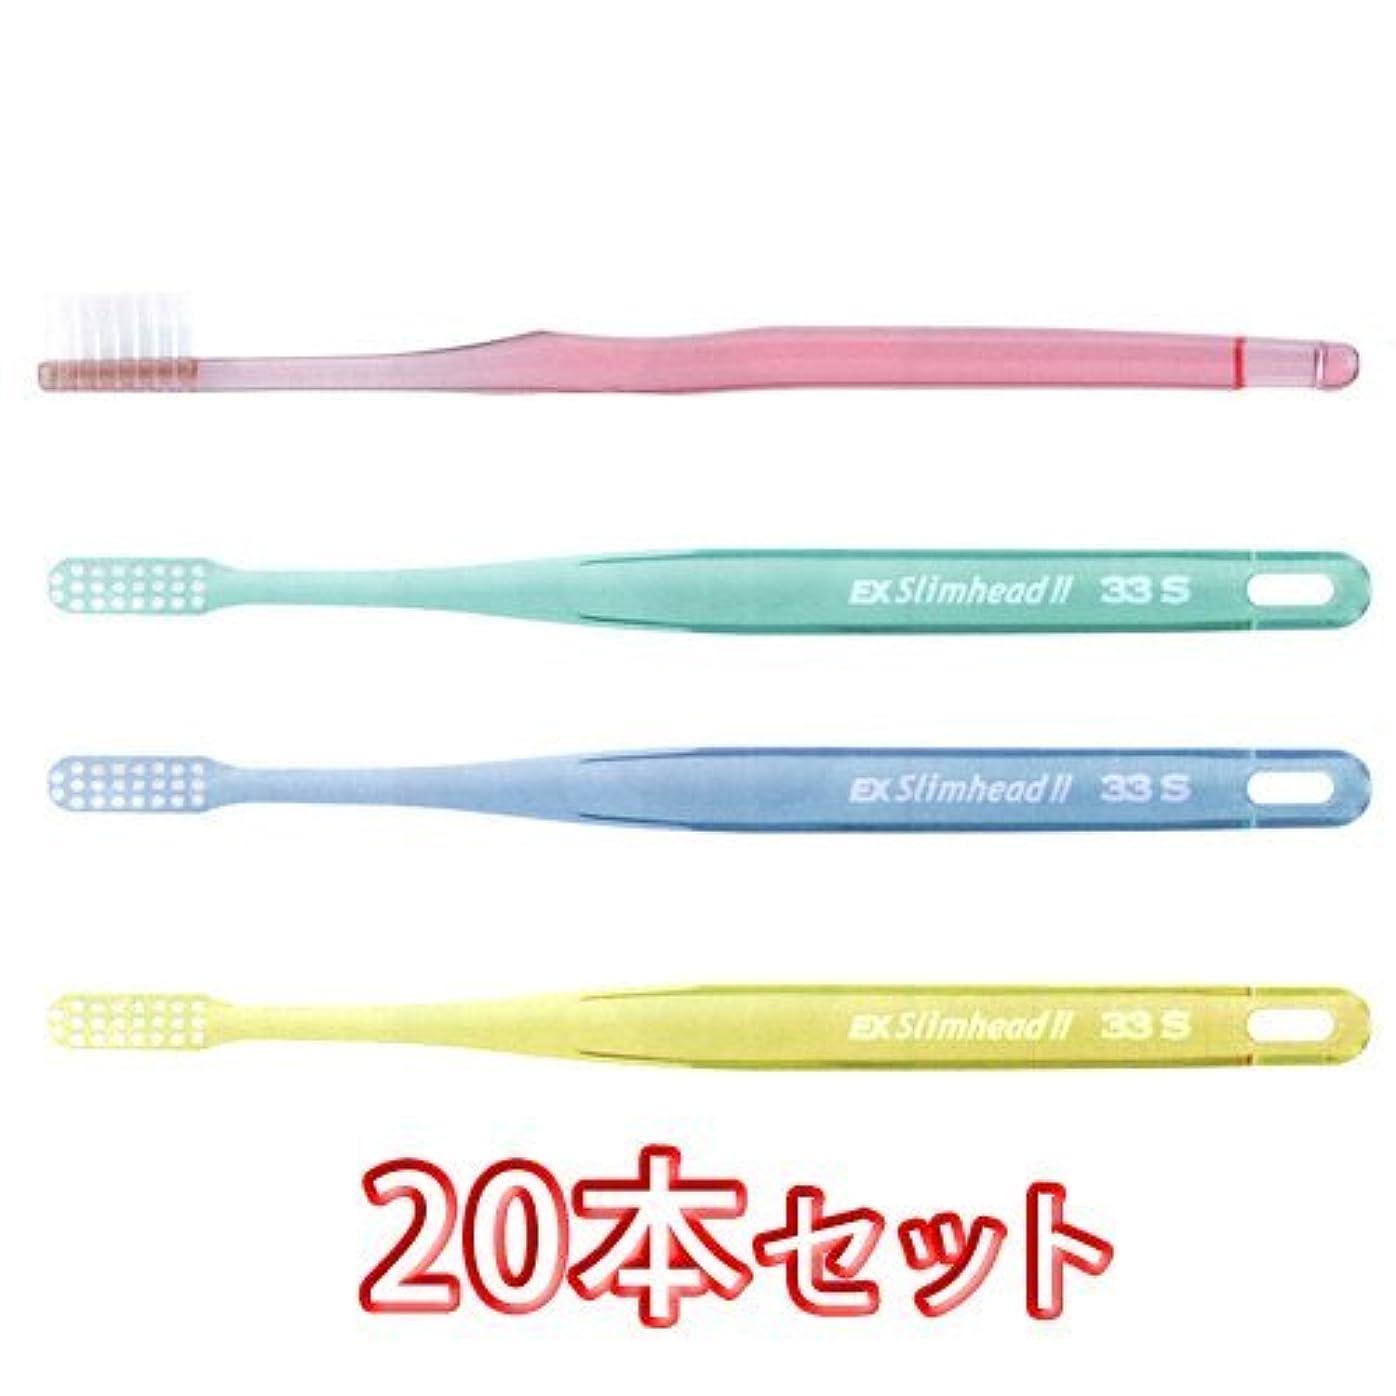 ライオン スリムヘッド2 歯ブラシ DENT . EX Slimhead2 20本入 (33S)